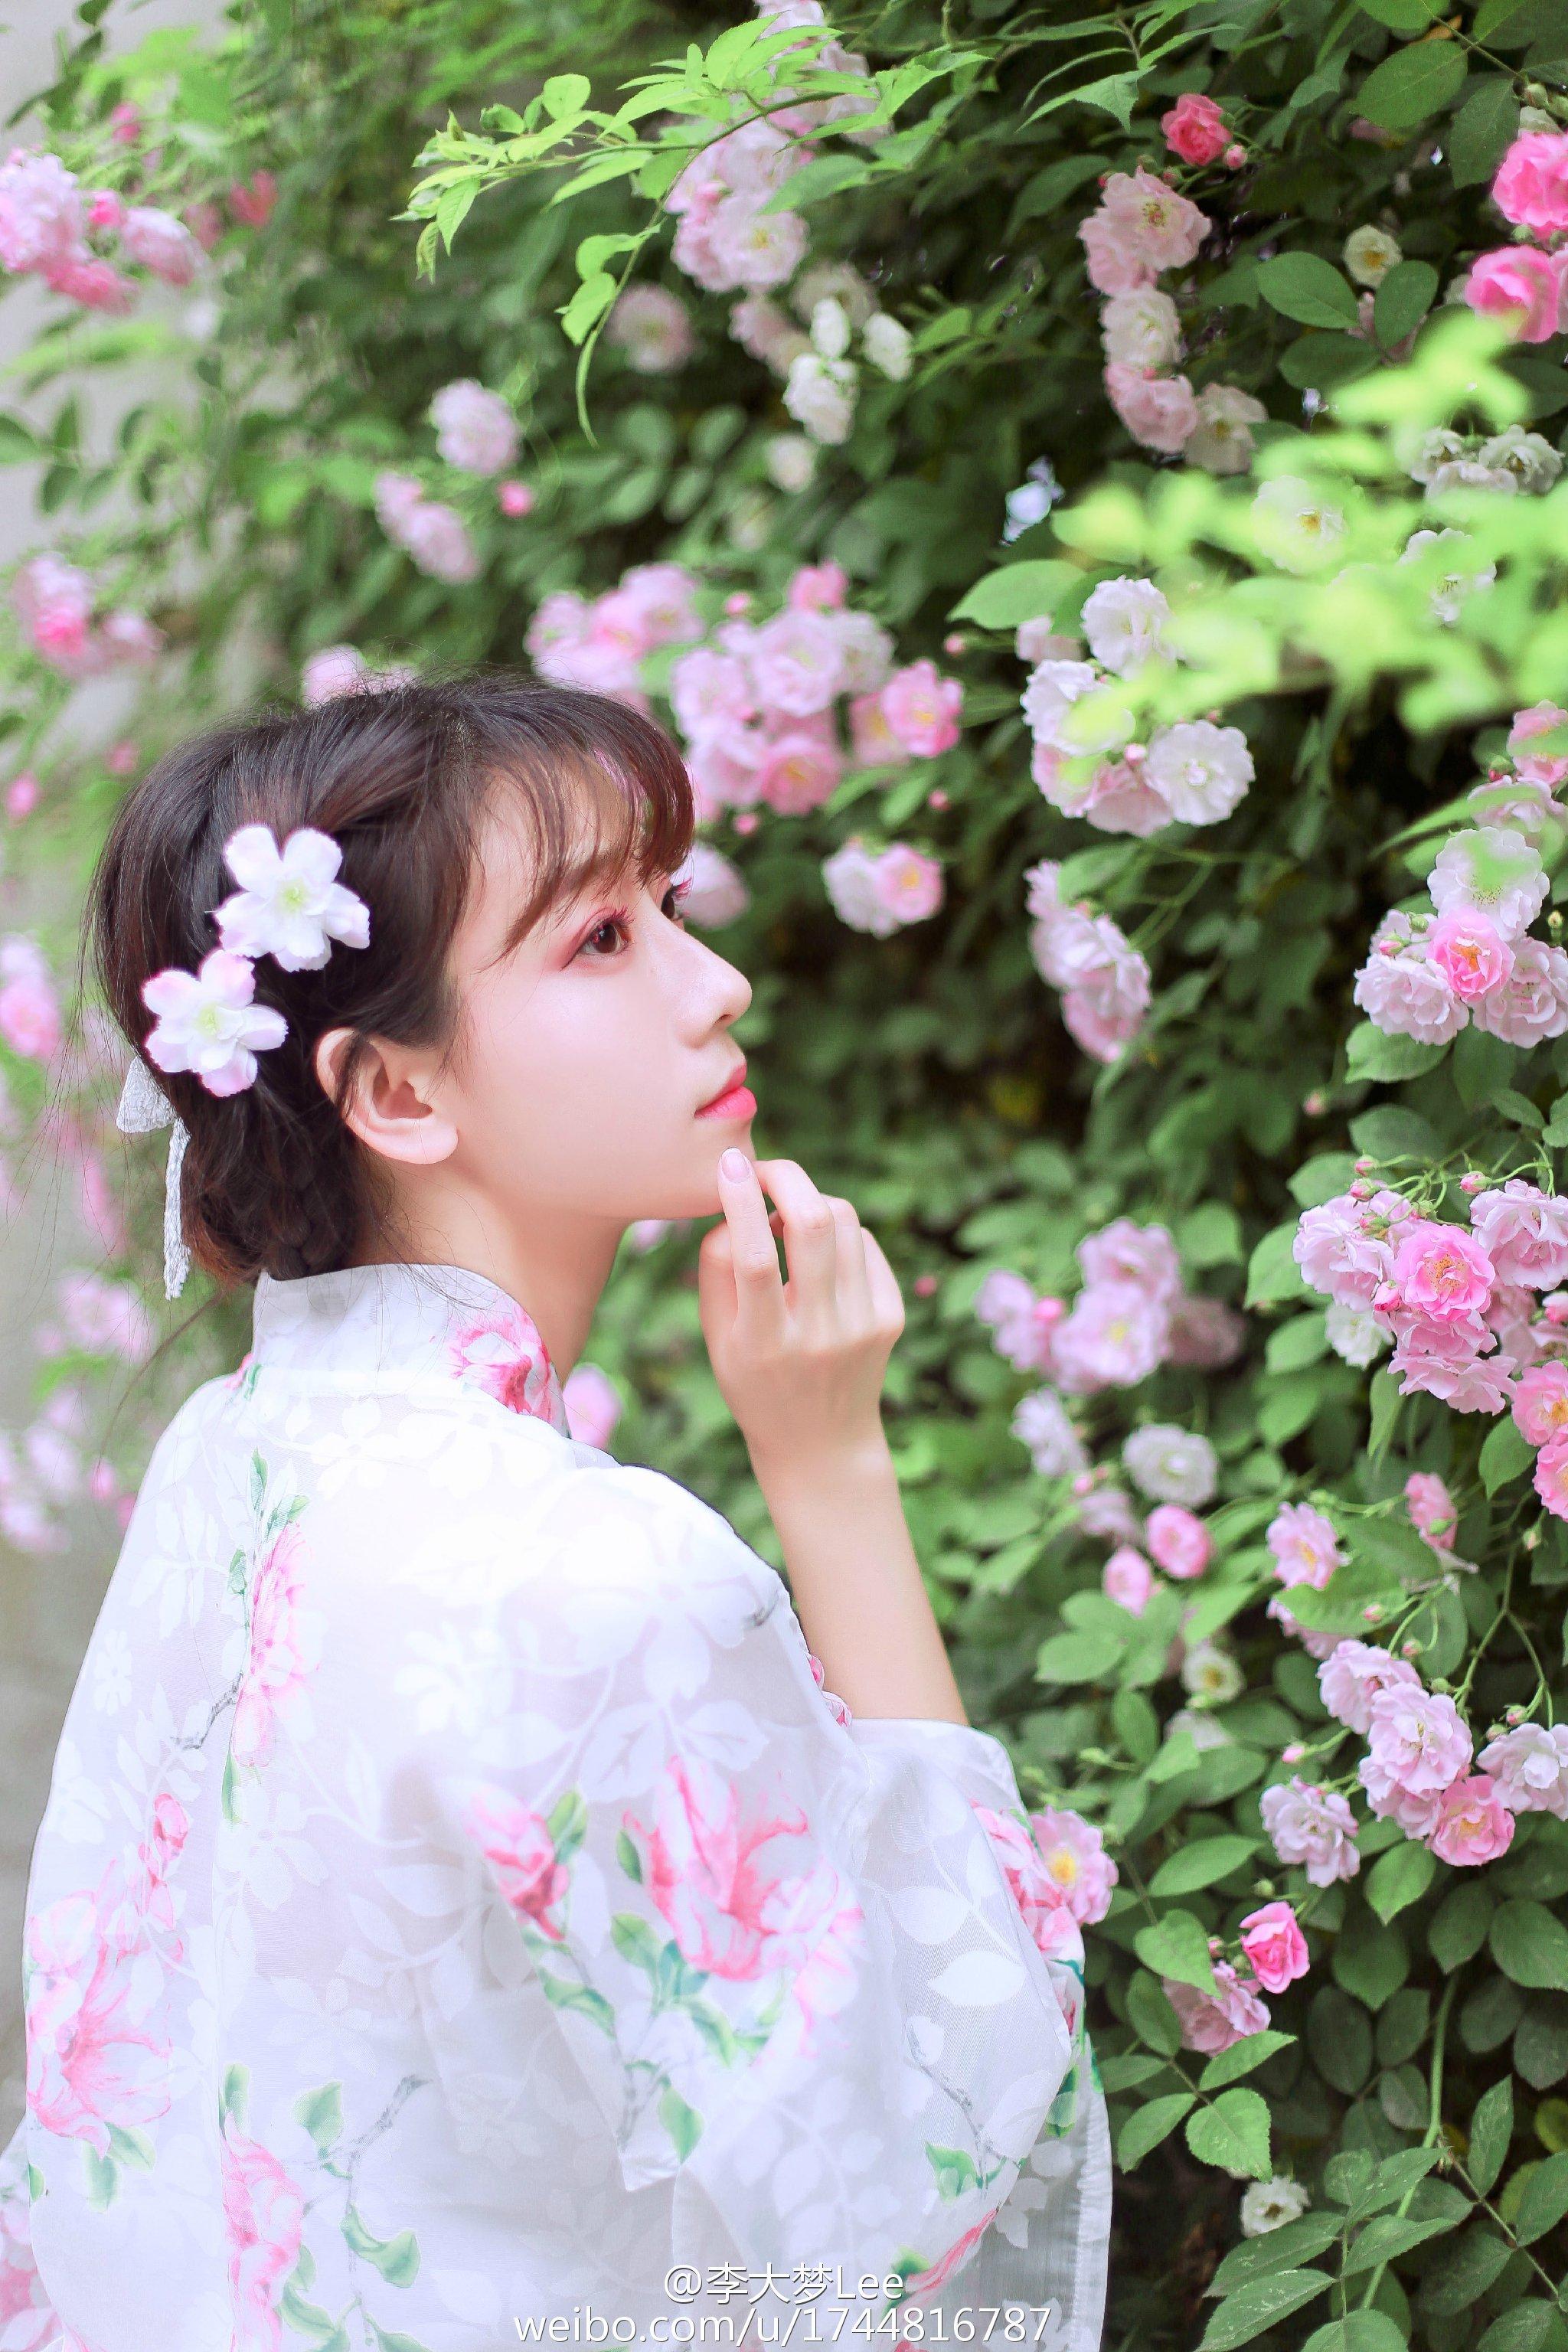 云想衣裳花想容、春风拂槛露华浓。